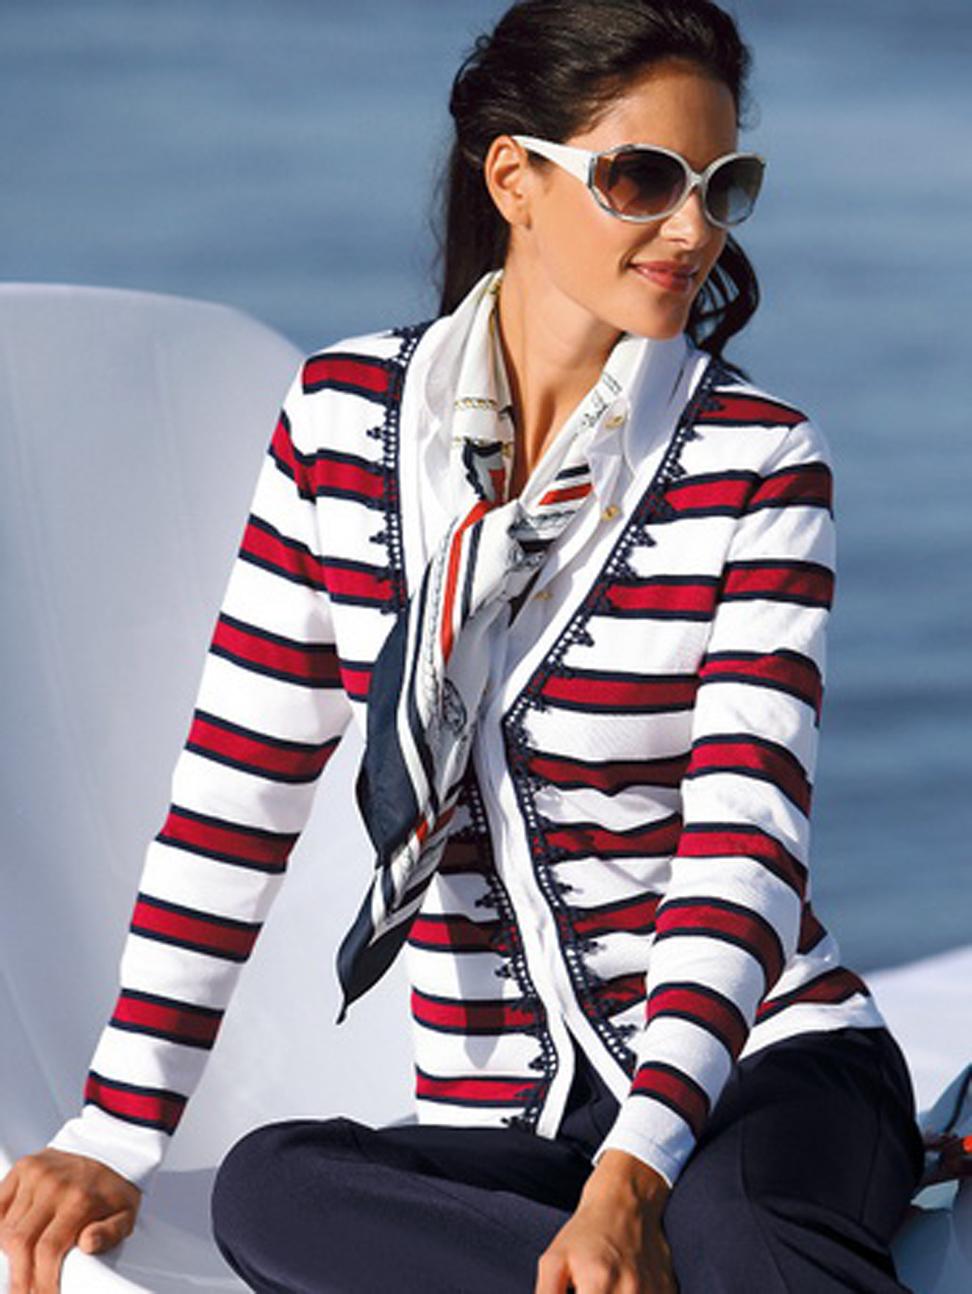 На фото: кофта в горизонтальную красно- синию-белую полоску и платком в морскую тематику.